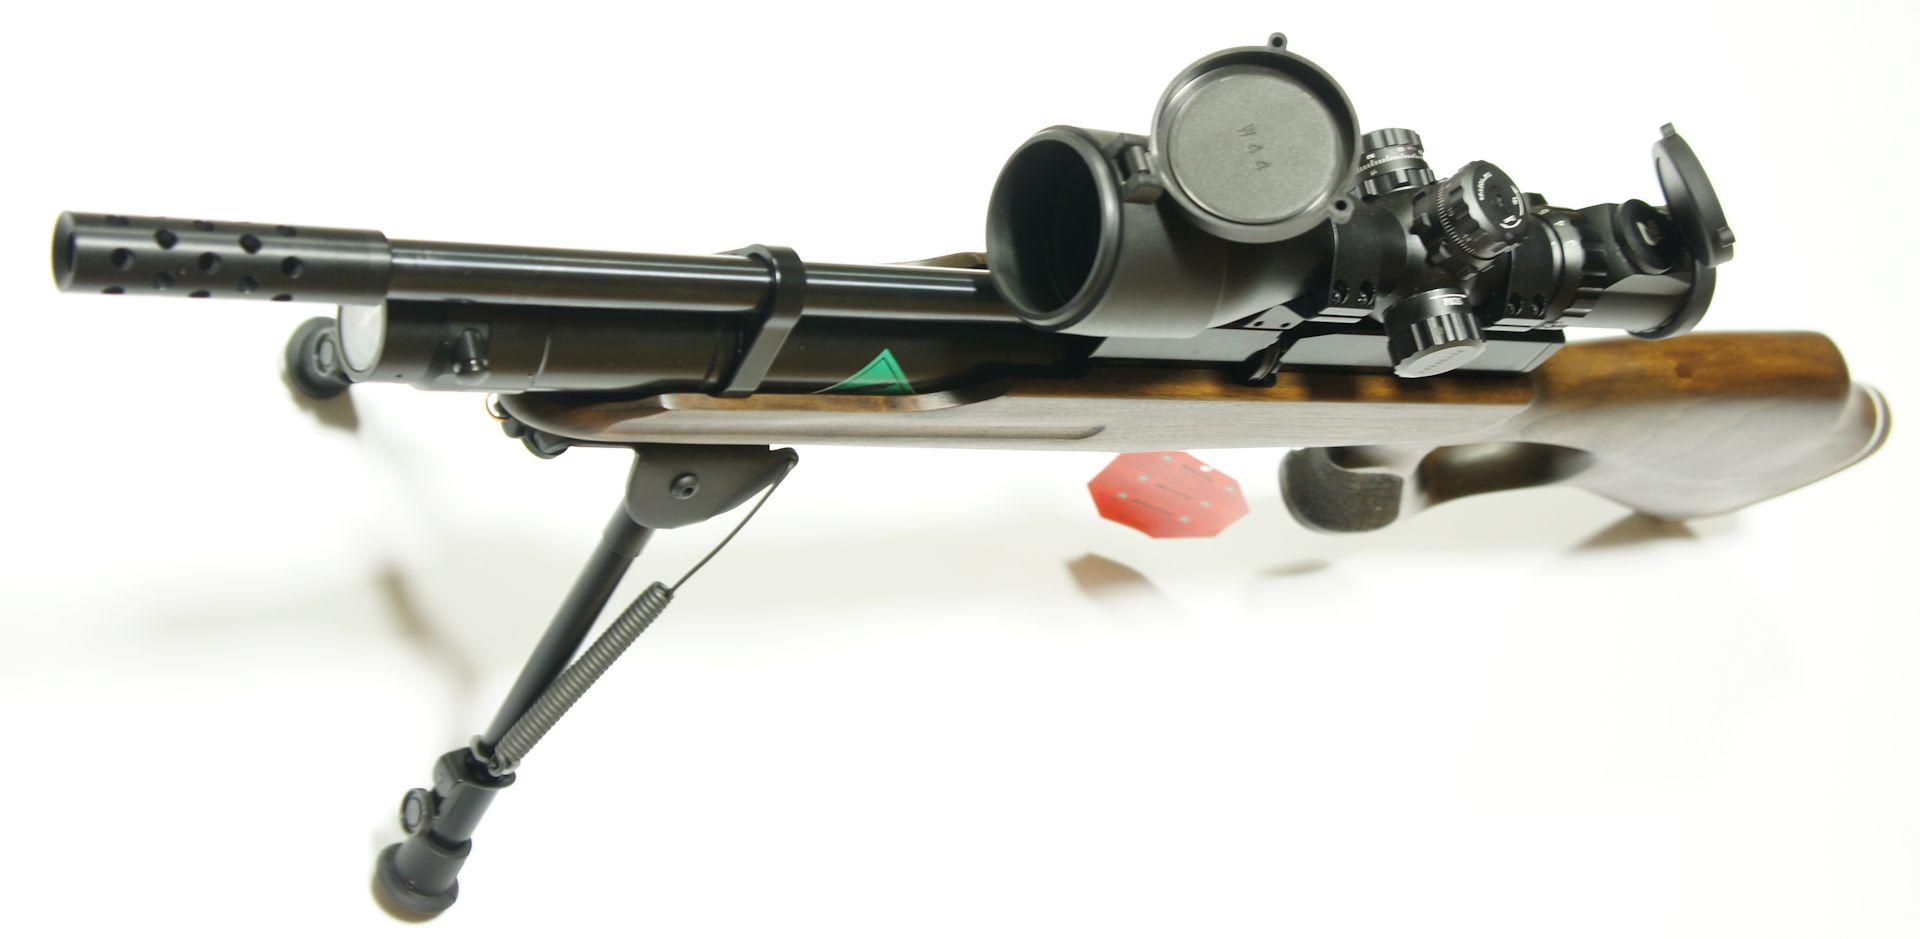 Montagebeispiel mit Kompensator anstelle vom Schalldämpfer am Luftgewehr HW 100 TK